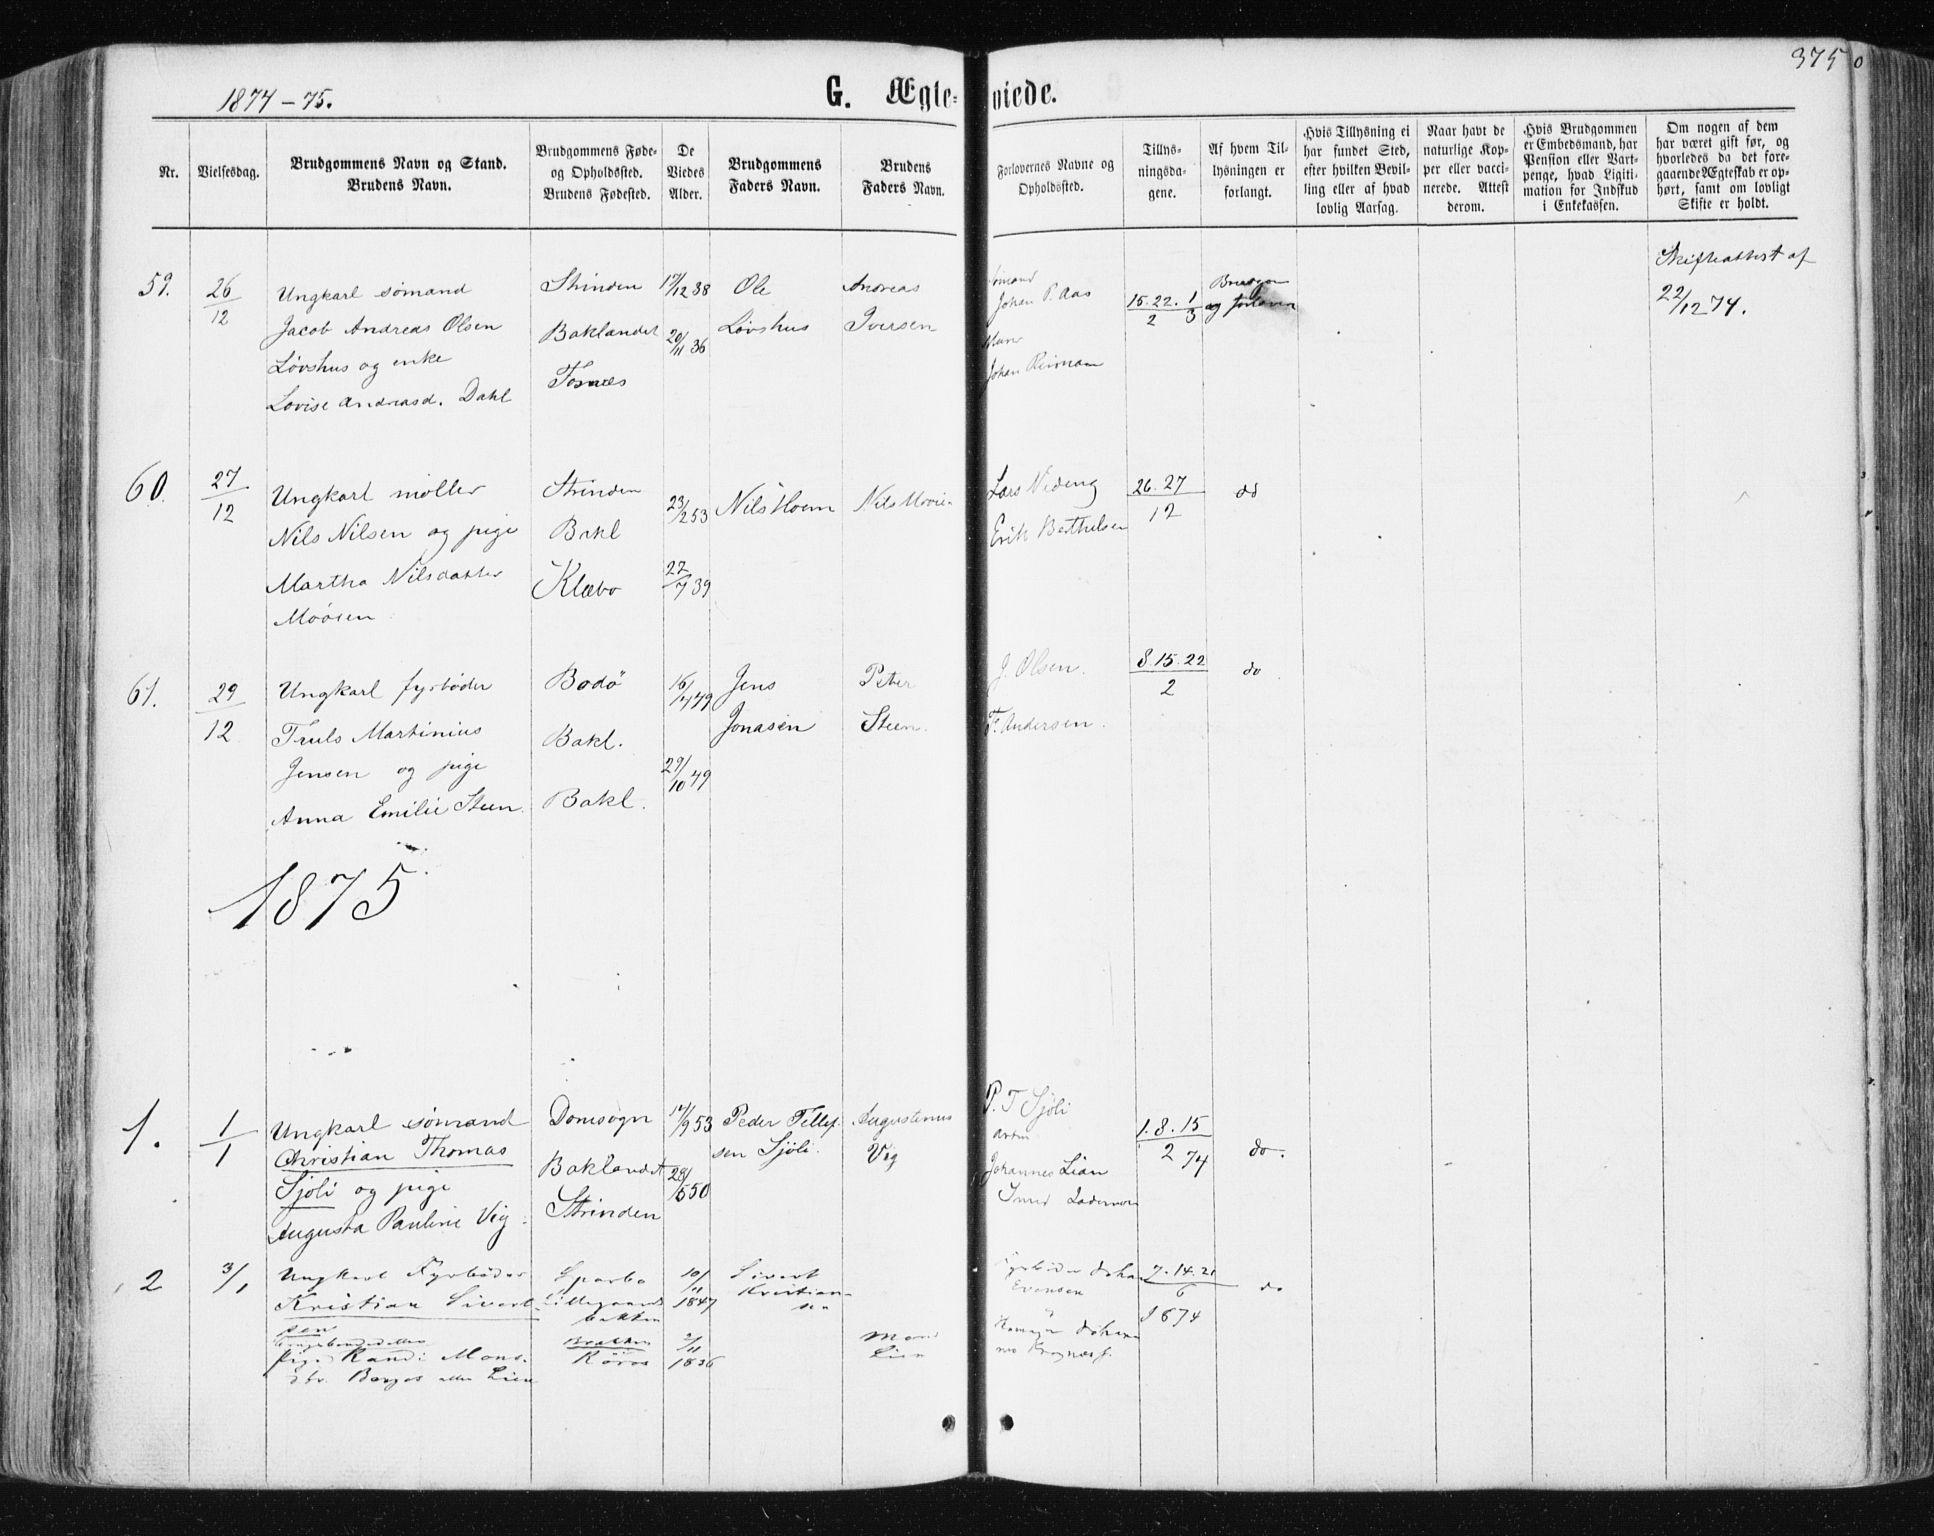 SAT, Ministerialprotokoller, klokkerbøker og fødselsregistre - Sør-Trøndelag, 604/L0186: Ministerialbok nr. 604A07, 1866-1877, s. 375